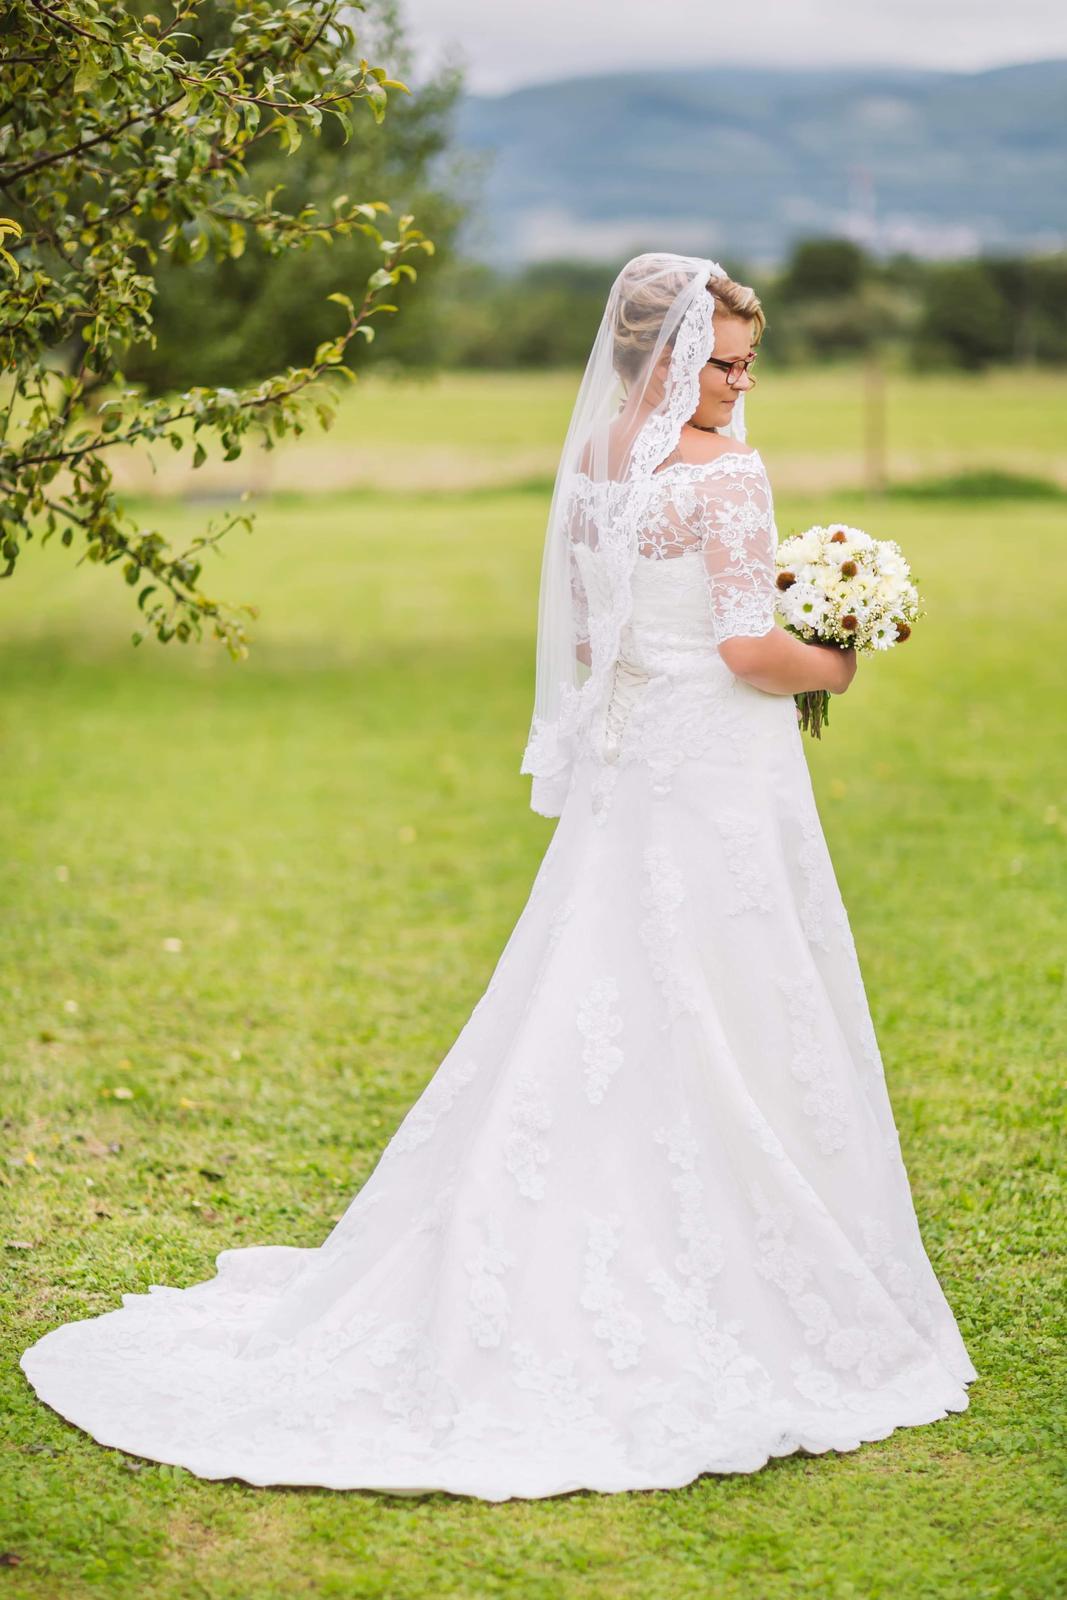 Svadobné šaty 40-44 - Obrázok č. 3